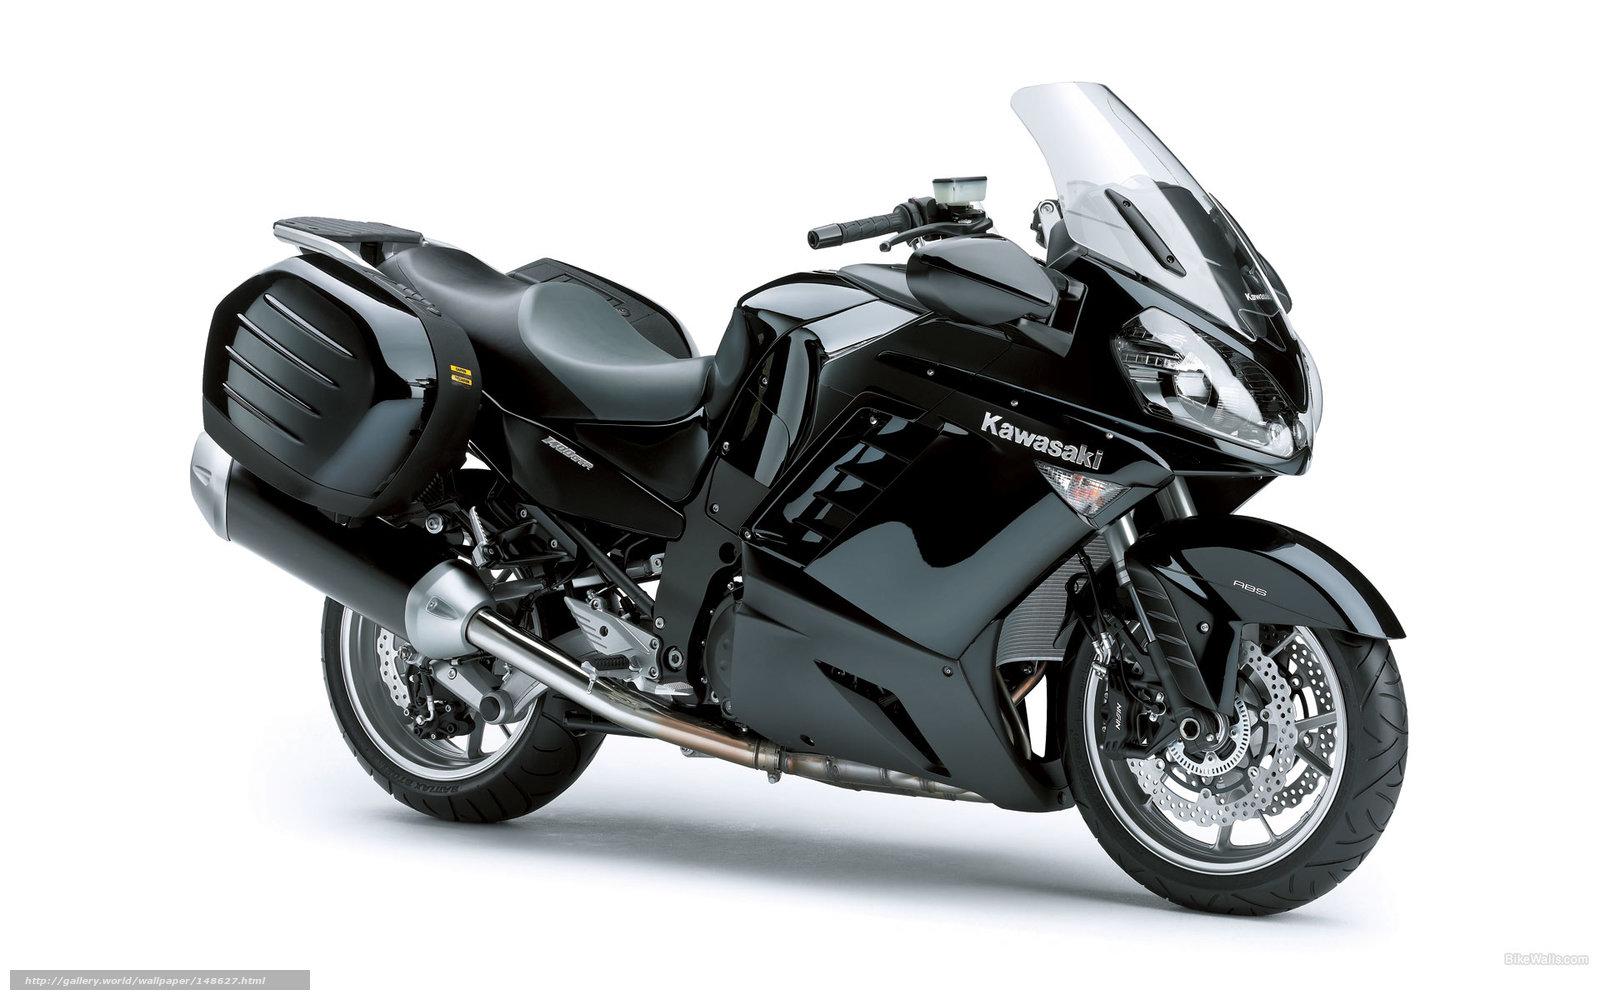 scaricare gli sfondi Kawasaki,  Tourer,  1400 GTR,  1400 GTR 2009 Sfondi gratis per la risoluzione del desktop 1920x1200 — immagine №148627